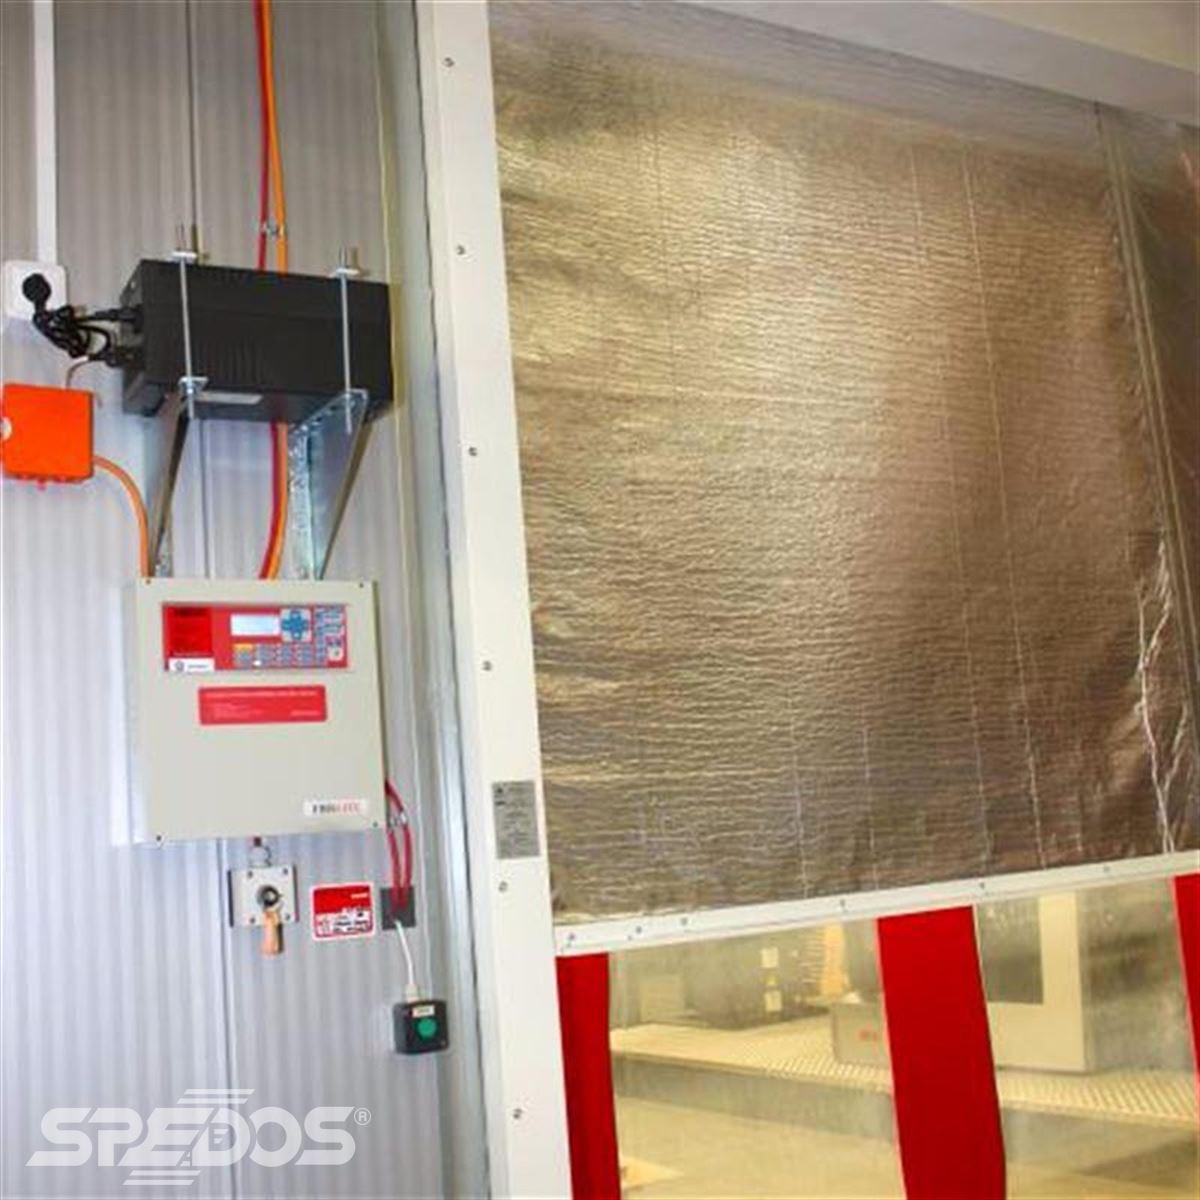 Rychloběžná vrata s požární textilní roletou